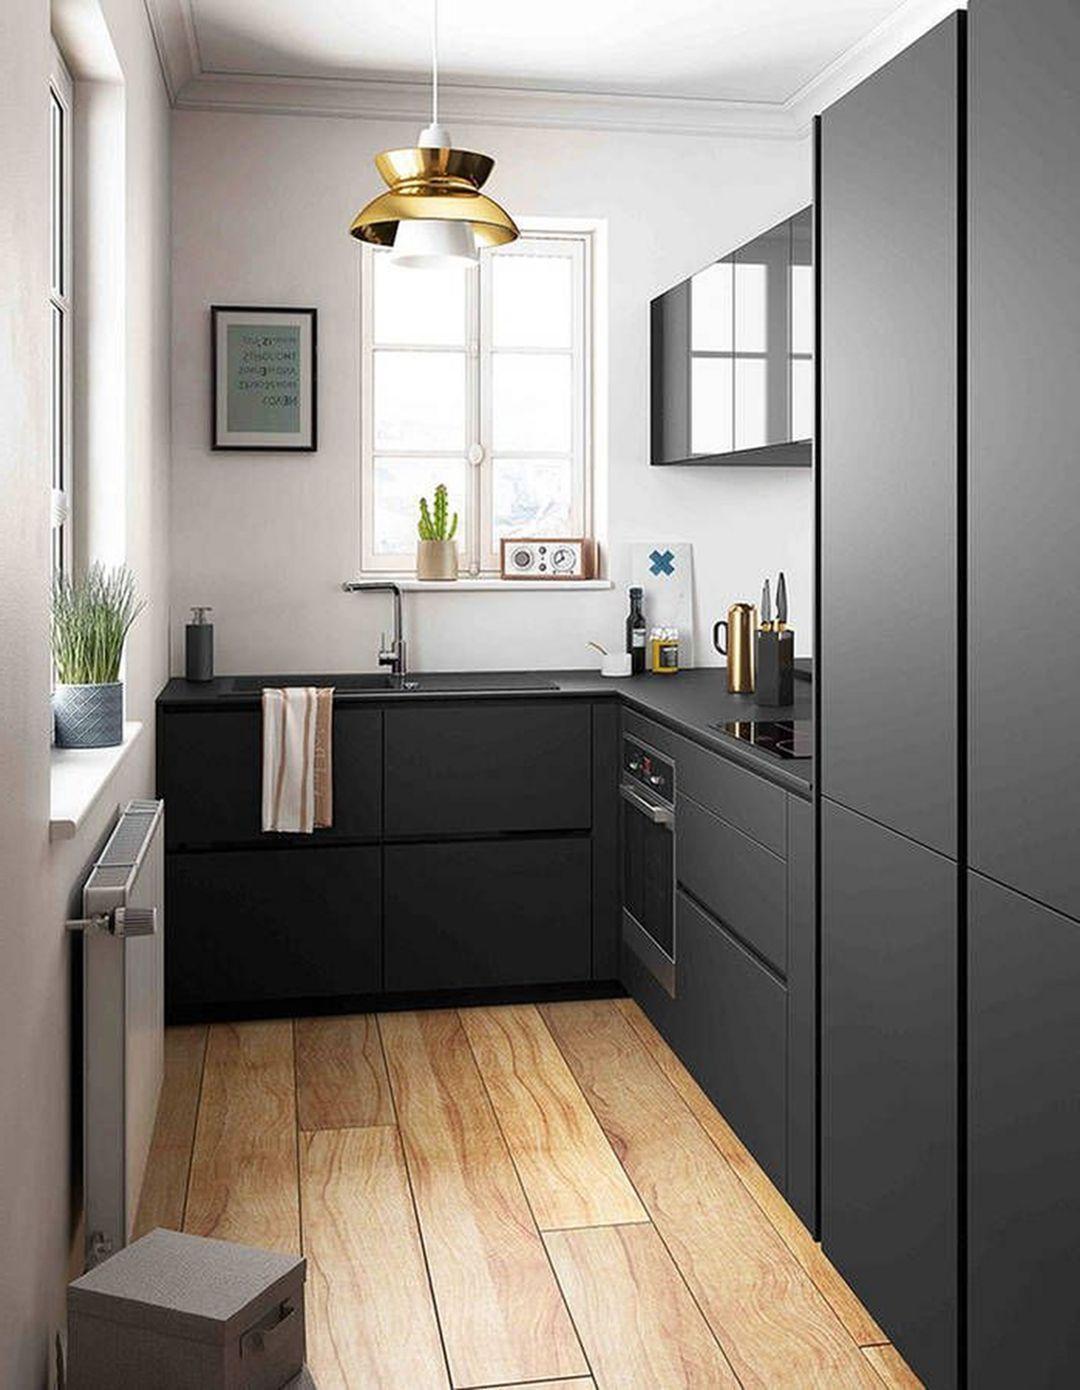 Black And White Kitchens 2020